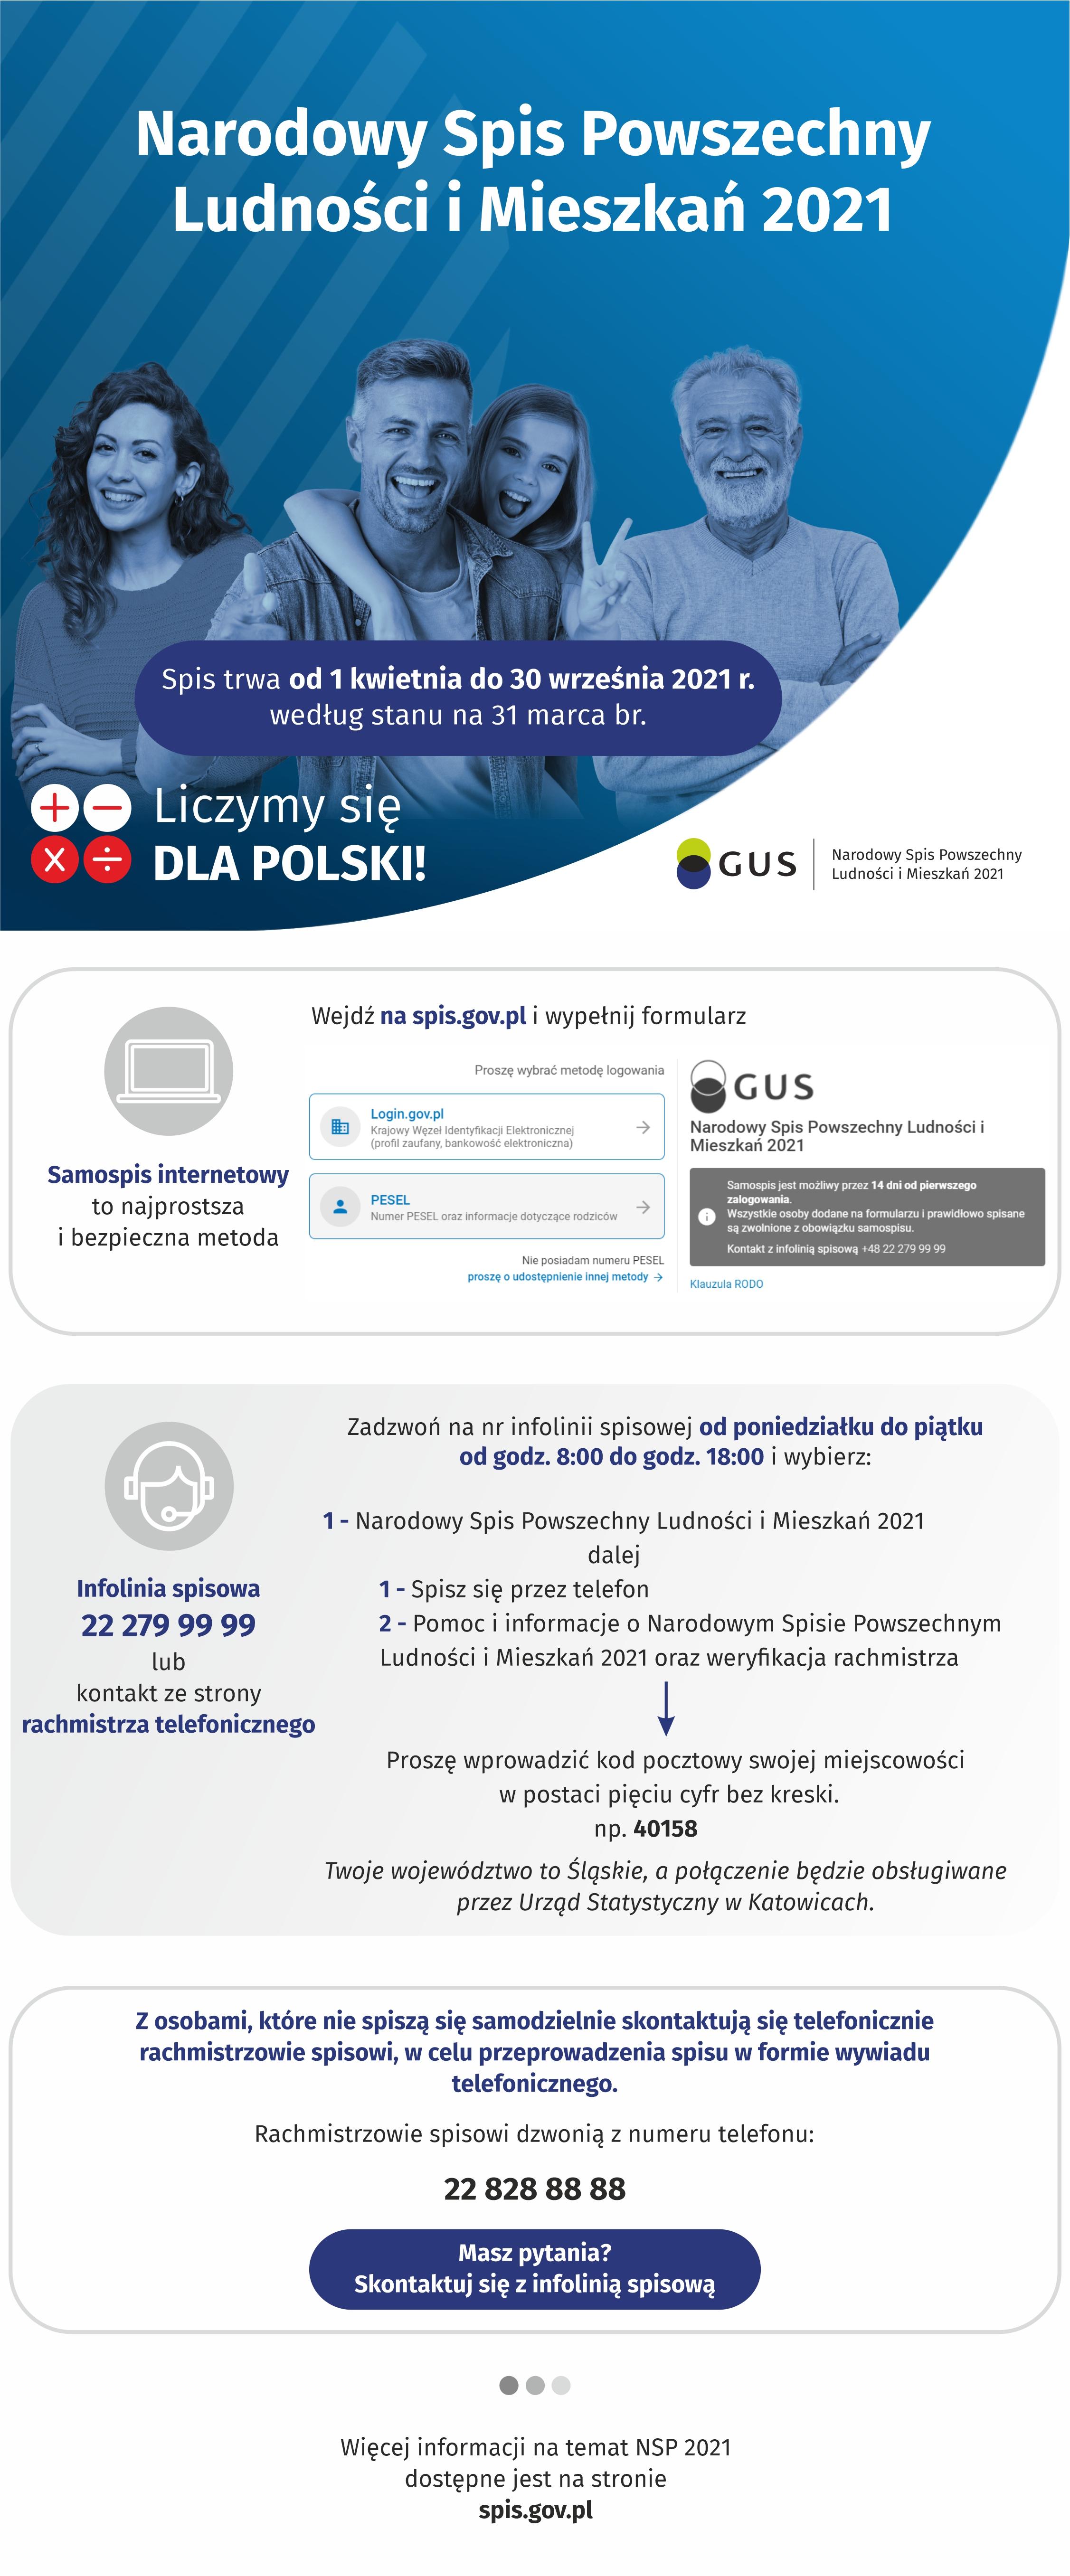 """Grafika w kolorystyce biało-granatowej. Od góry duży biały napis """"Narodowy Spis Powszechny Ludności i Mieszkań 2021""""na tle niebieskiego zdjęcia przedstawiającego uśmiechniętych ludzi. W dolnym lewym rogu zdjęcia napis """"Liczymy się dla Polski"""". W dolnym prawym rogu logo spisowe. Na zdjęciu na granatowej belce widnieje napis: """"Spis trwa od 1 kwietnia do 30 września 2021 r. według stanu na 31 marca br."""" Poniżej: """"Samospis internetowy to najprostsza i bezpieczna metoda"""", z prawej strony skan strony głównej aplikacji formularza spisowego. W dalszej części znajduje się nr telefonu Infolinii spisowej 22 279 99 99 oraz ogólne informacje, jak postępować po połączeniu się z infolinią. Poniżej zapis: """"Rachmistrzowie spisowi dzwonią z numeru telefonu 22 828 88 88"""". Pod spodem na granatowej belce umieszczony jest napis: """"Masz pytania? Skontaktuj się z infolinią spisową"""", a na samym dole ulotki: """"Więcej informacji na NSP 2021 dostępne jest na stronie spis.gov.pl""""."""